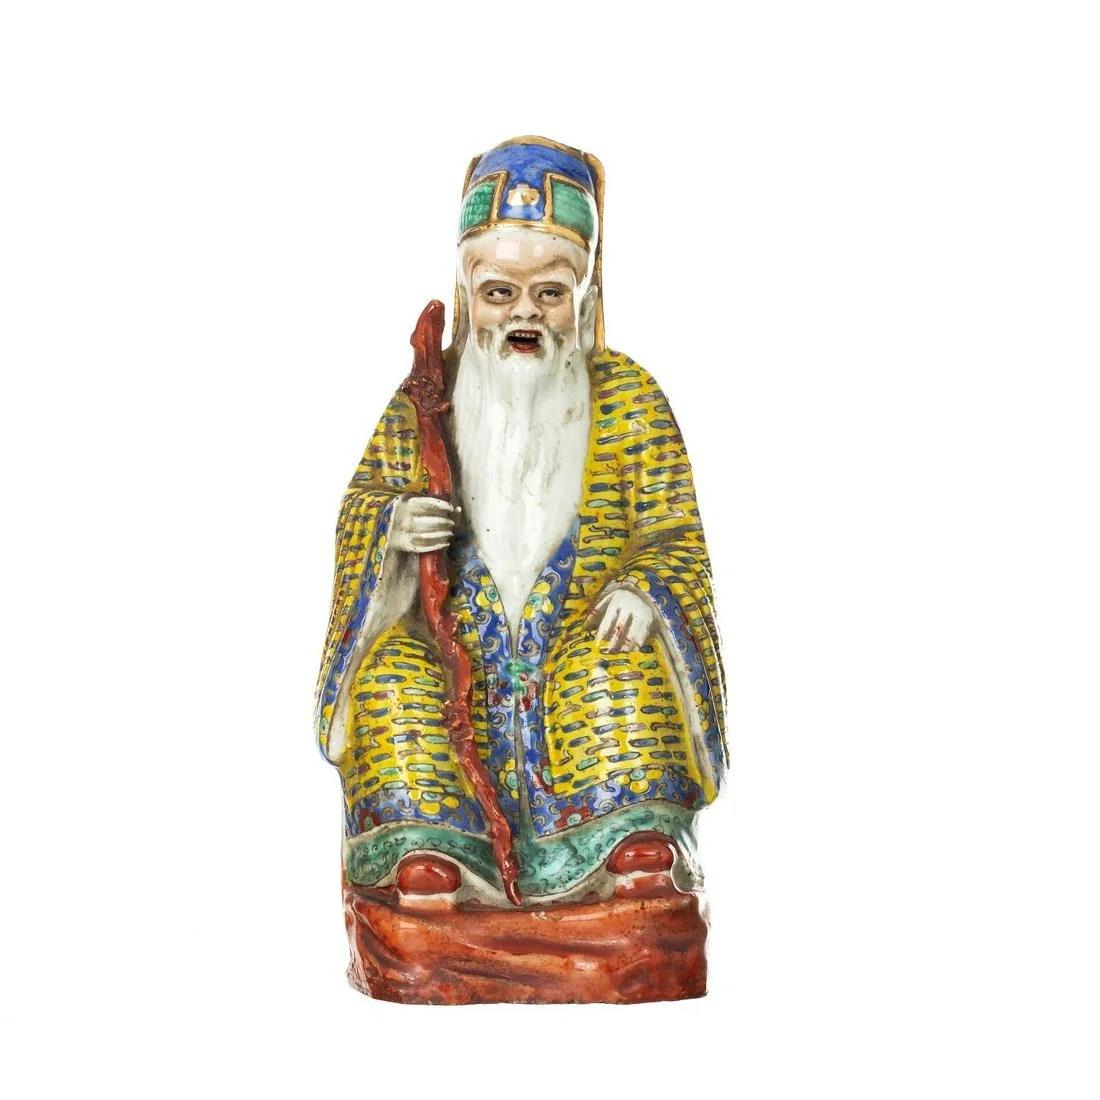 Chinese porcelain deity, Minguo / Republic